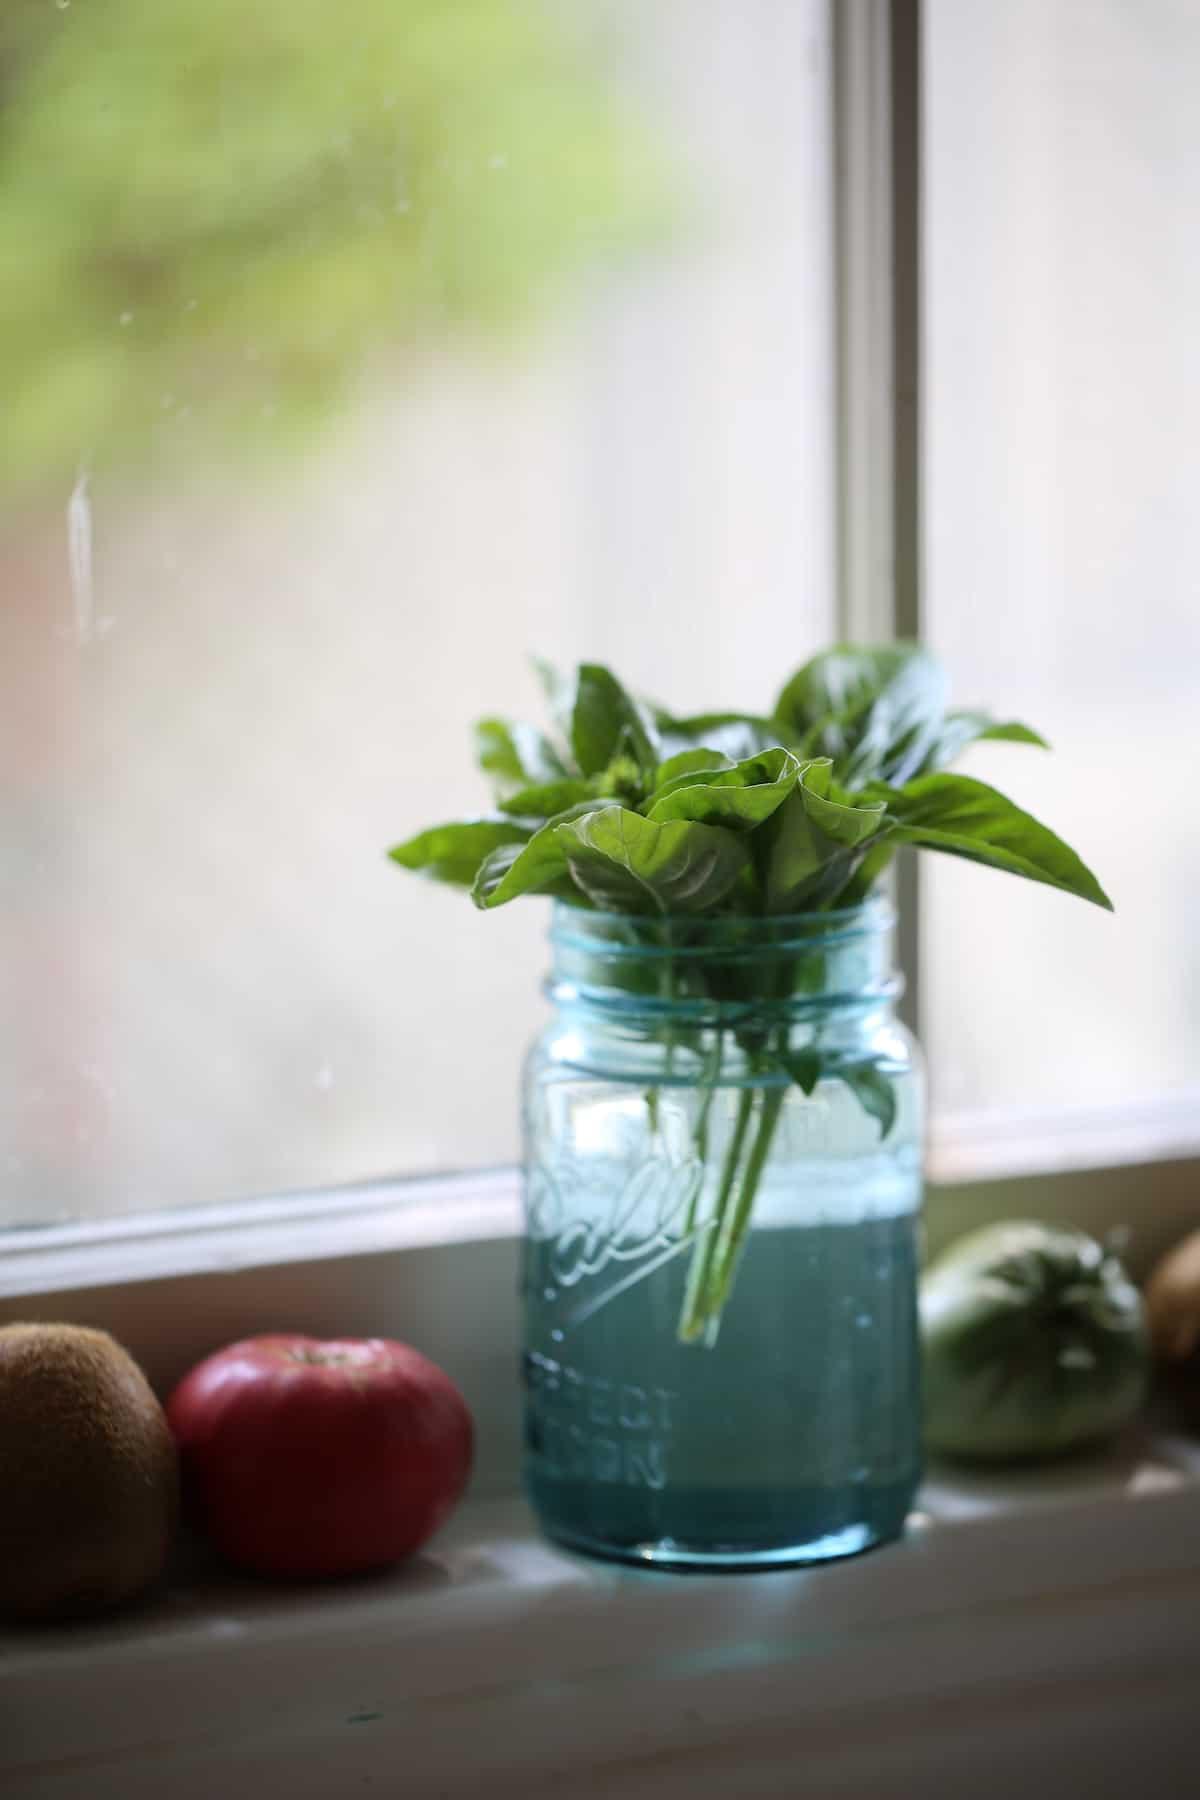 Fresh Basil in a mason jar